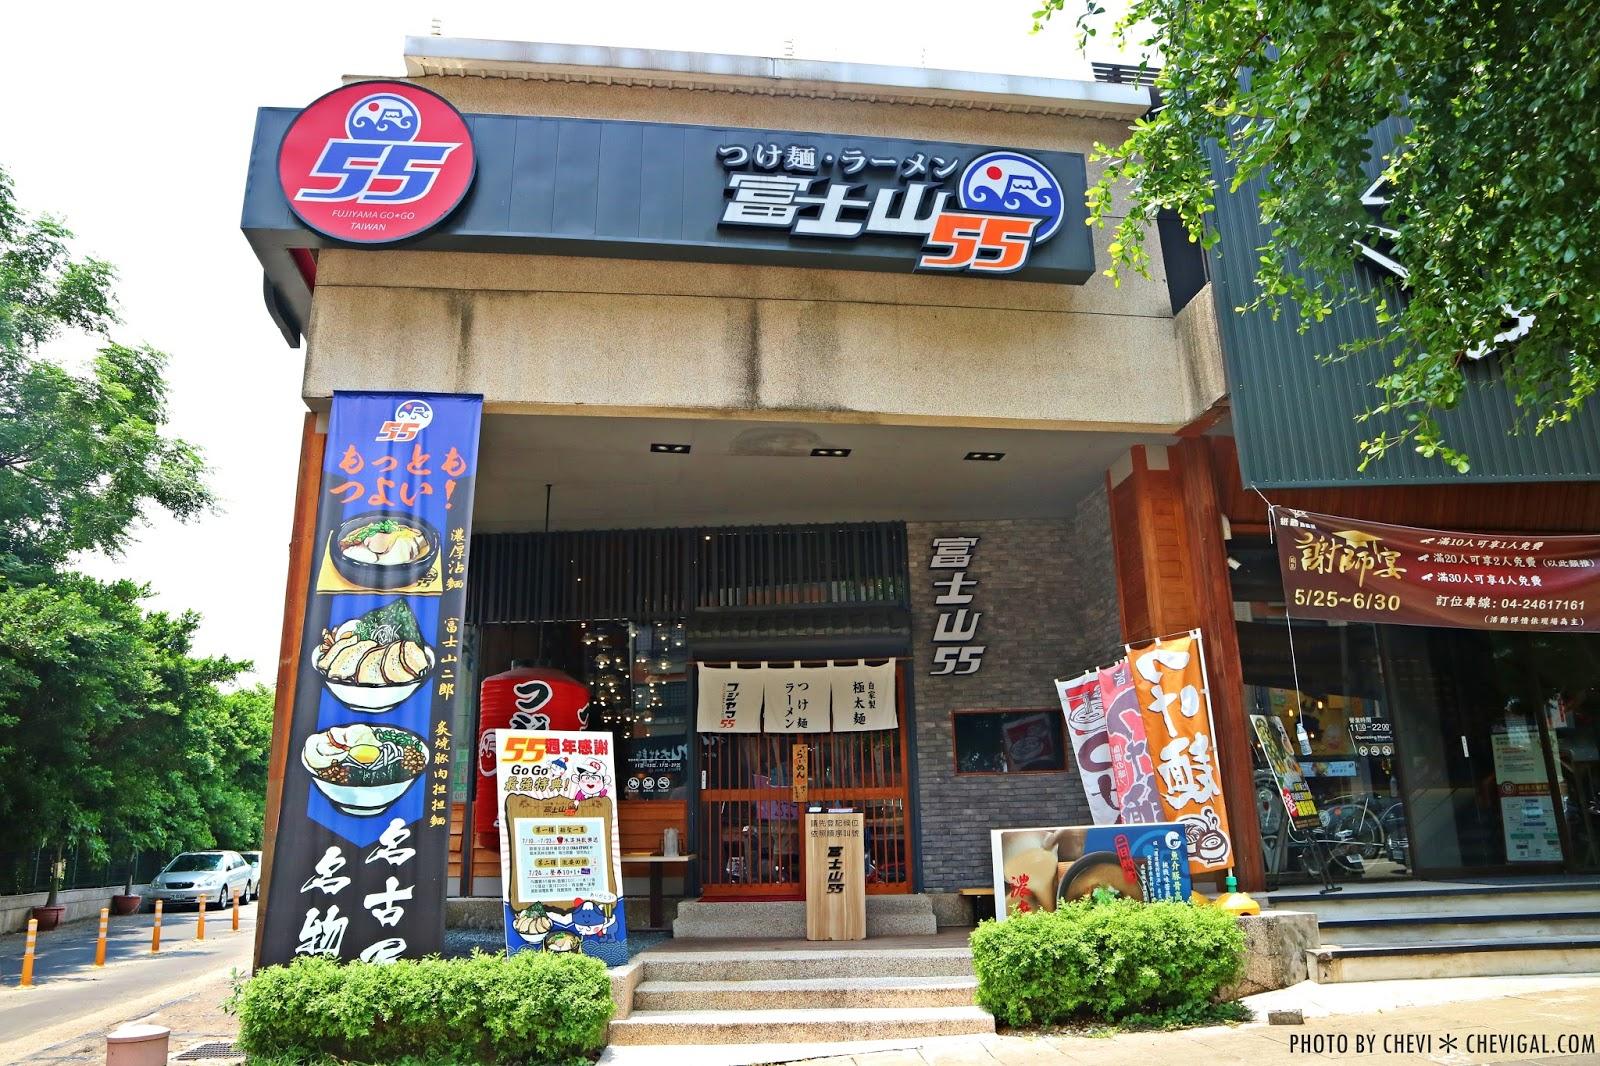 IMG 9747 - 熱血採訪│富士山55沾麵*富士山55周年感謝祭。澎派菜單全新登場。還有免費 Cold Stone冰淇淋請你吃